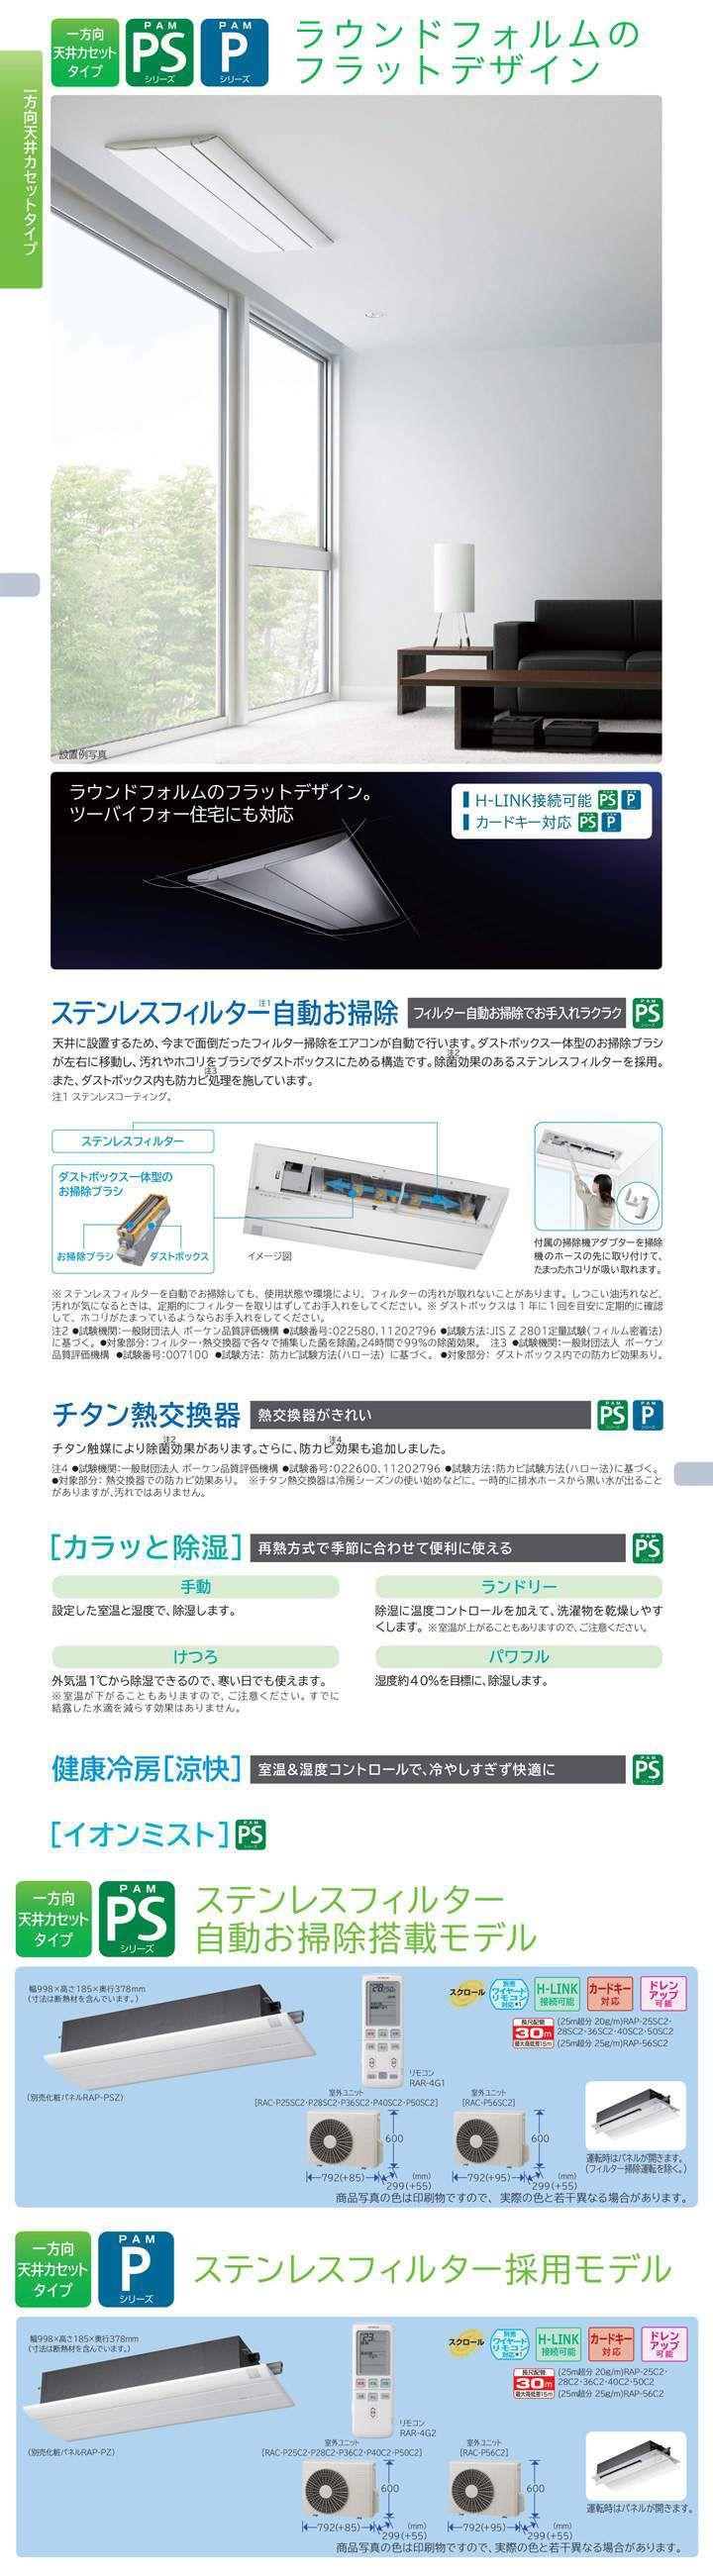 RAP-50C2カタログ